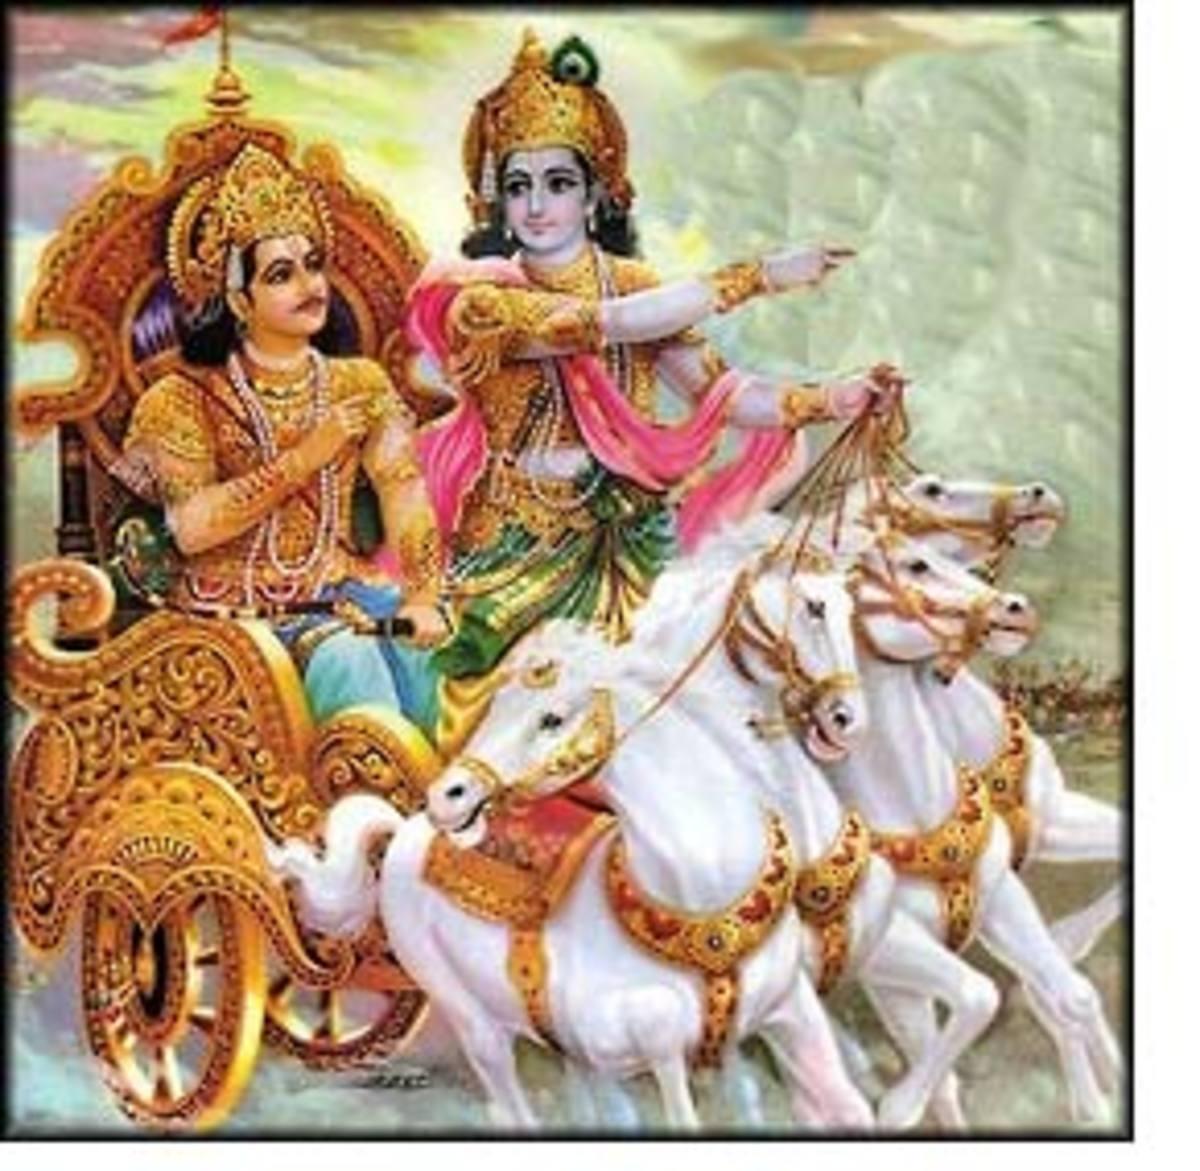 Krishna and Arjuna head to the battlefield